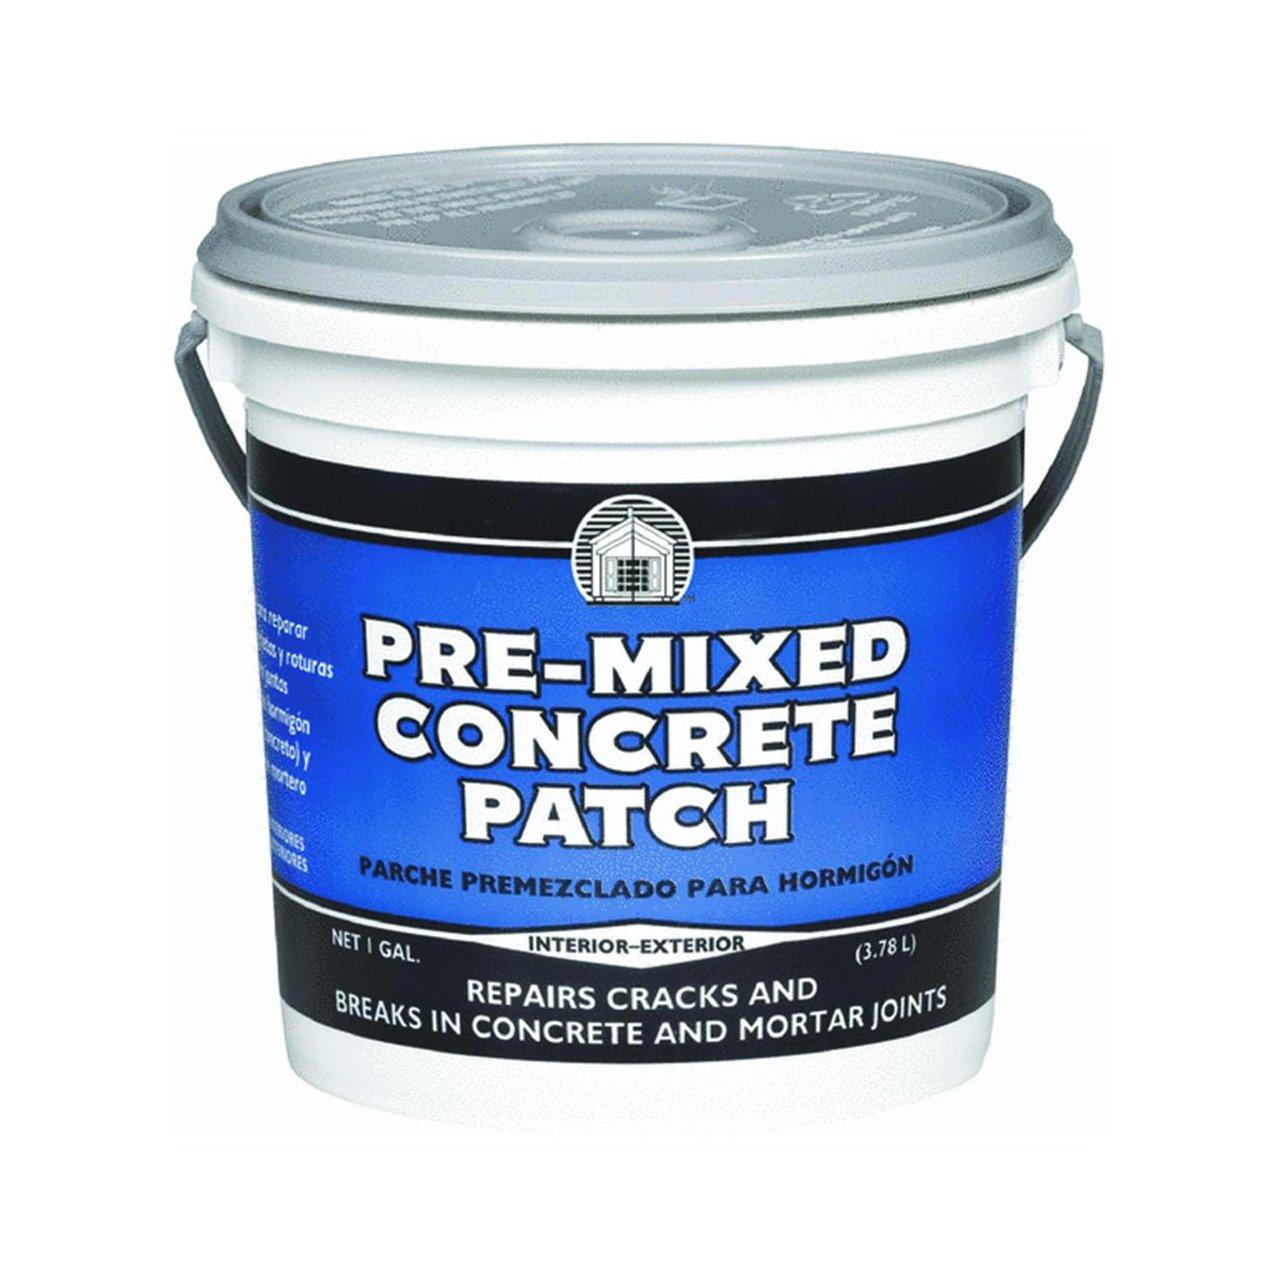 DAP Ready-Mixed Concrete Patch: Amazon com au: Home Improvement